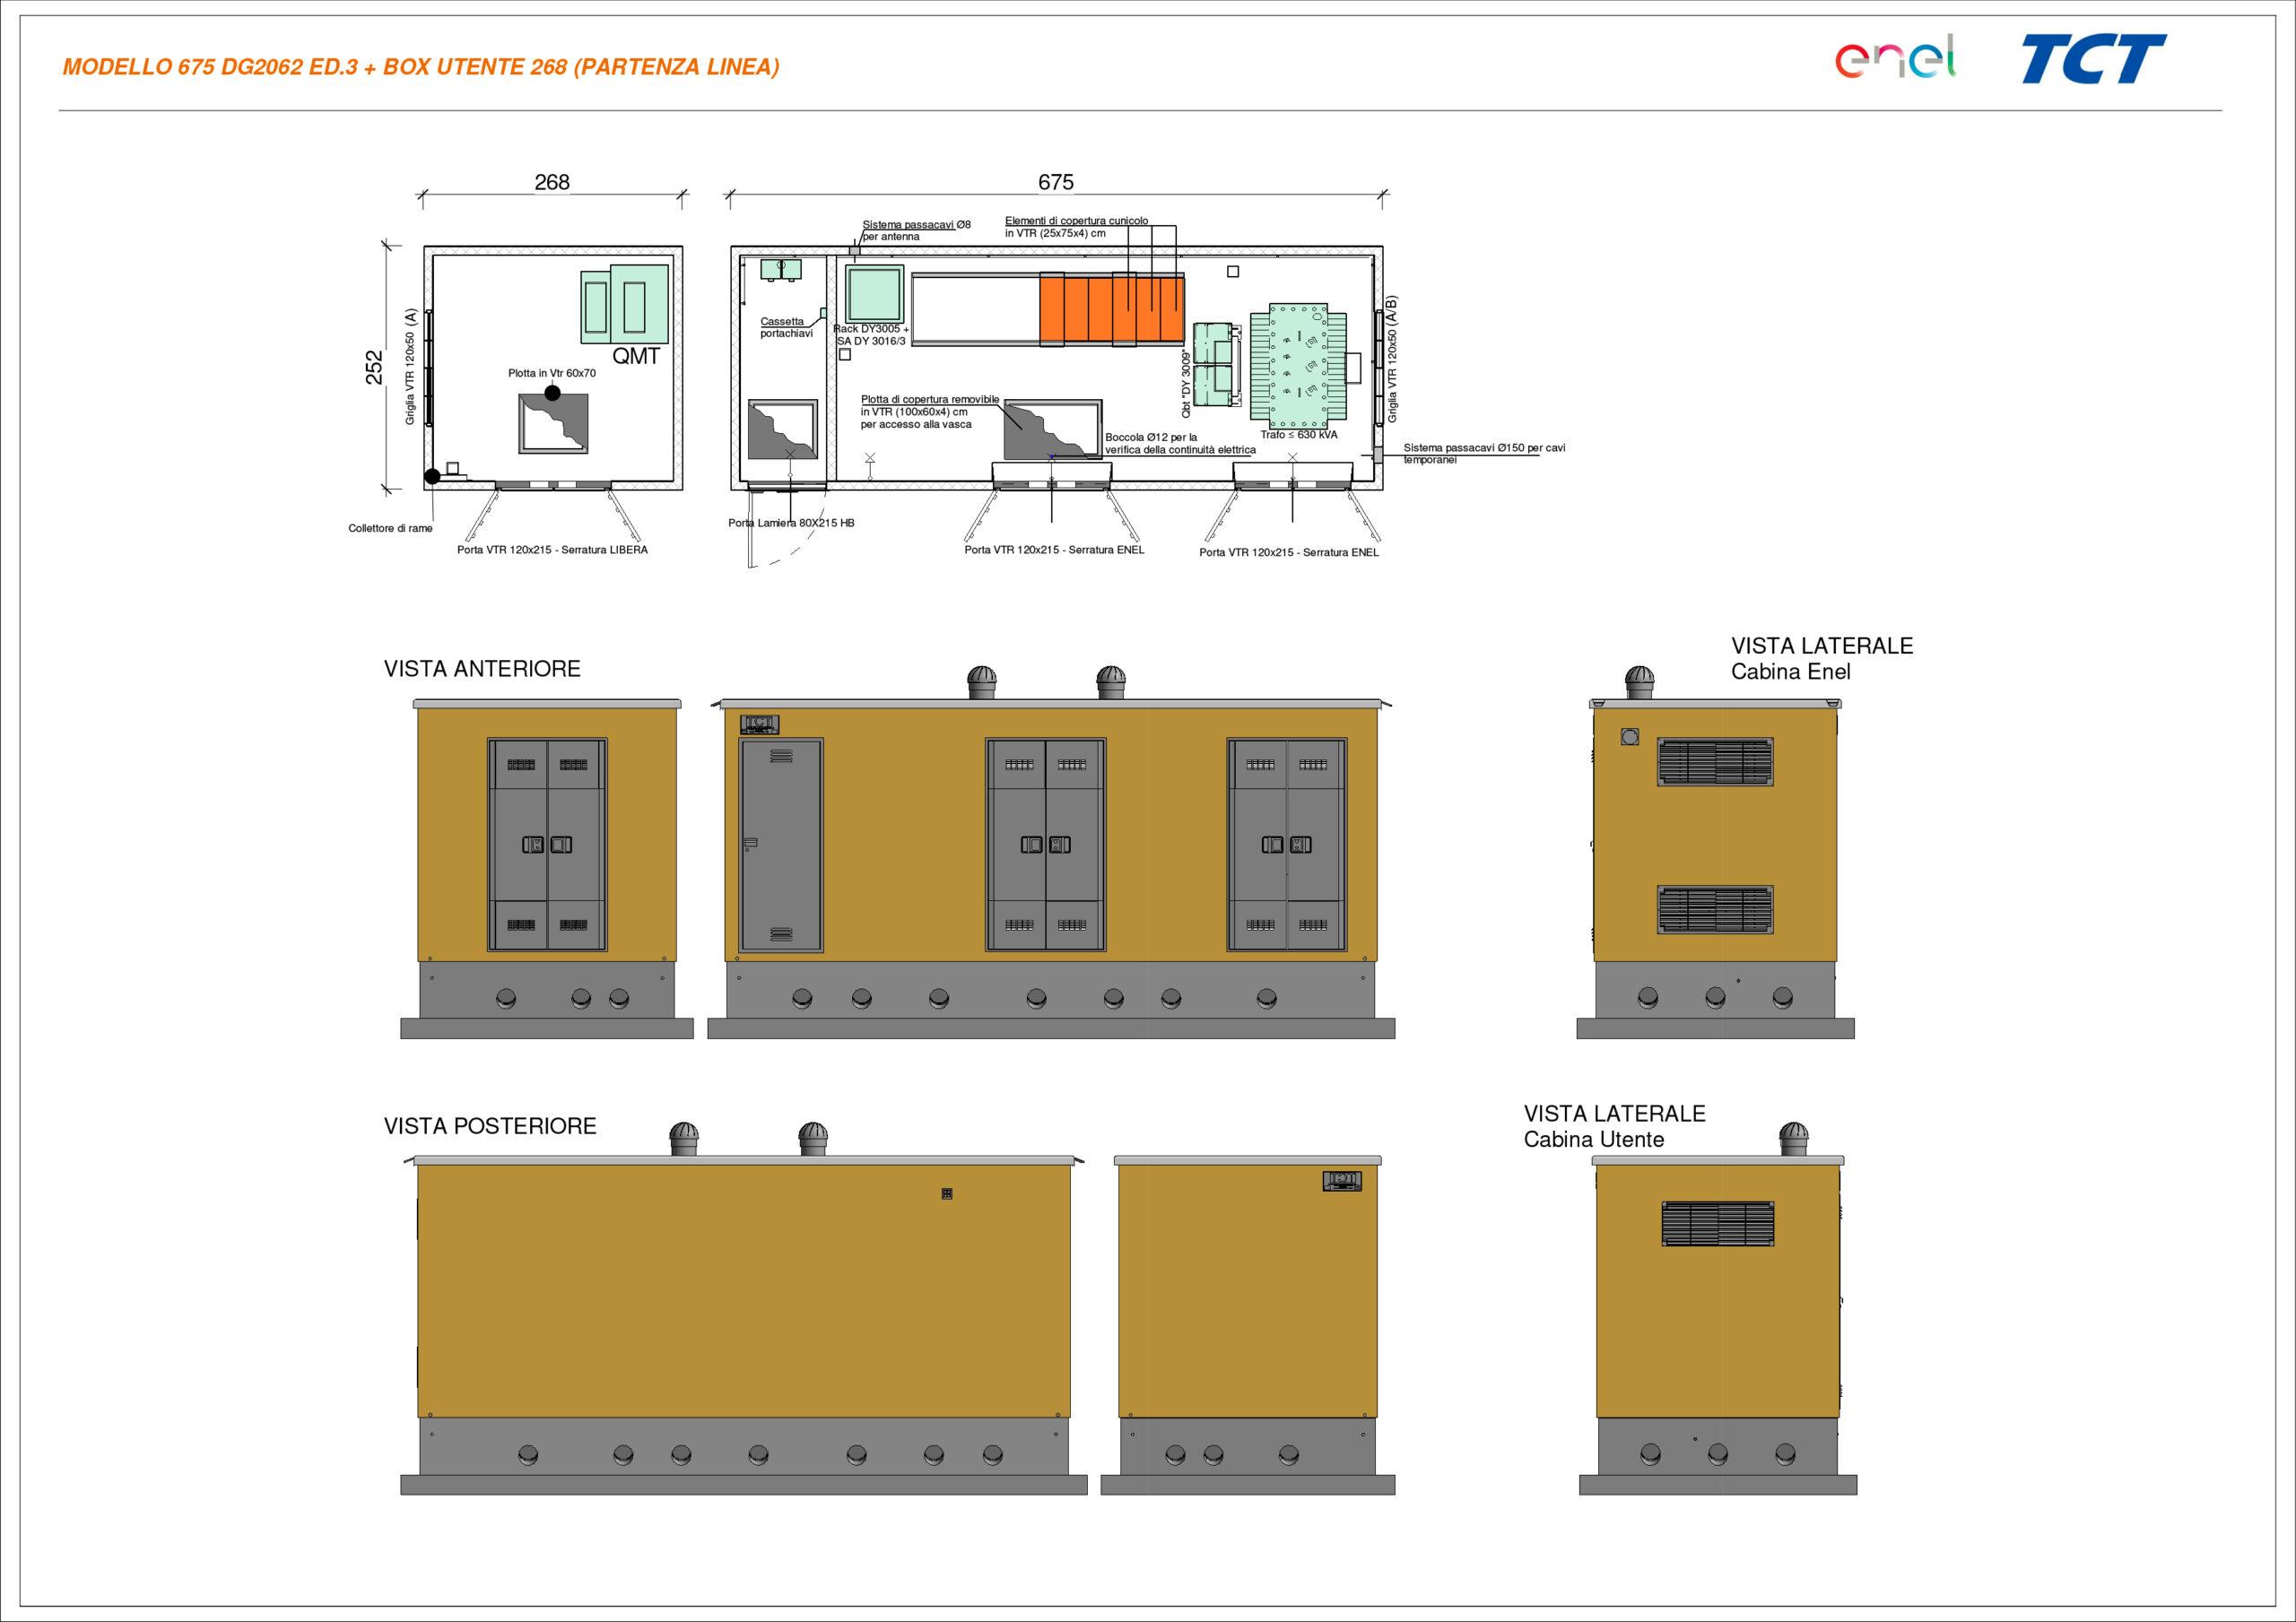 DG2092 - Ed. 3 + Box Utente 268 - Partenza Linea